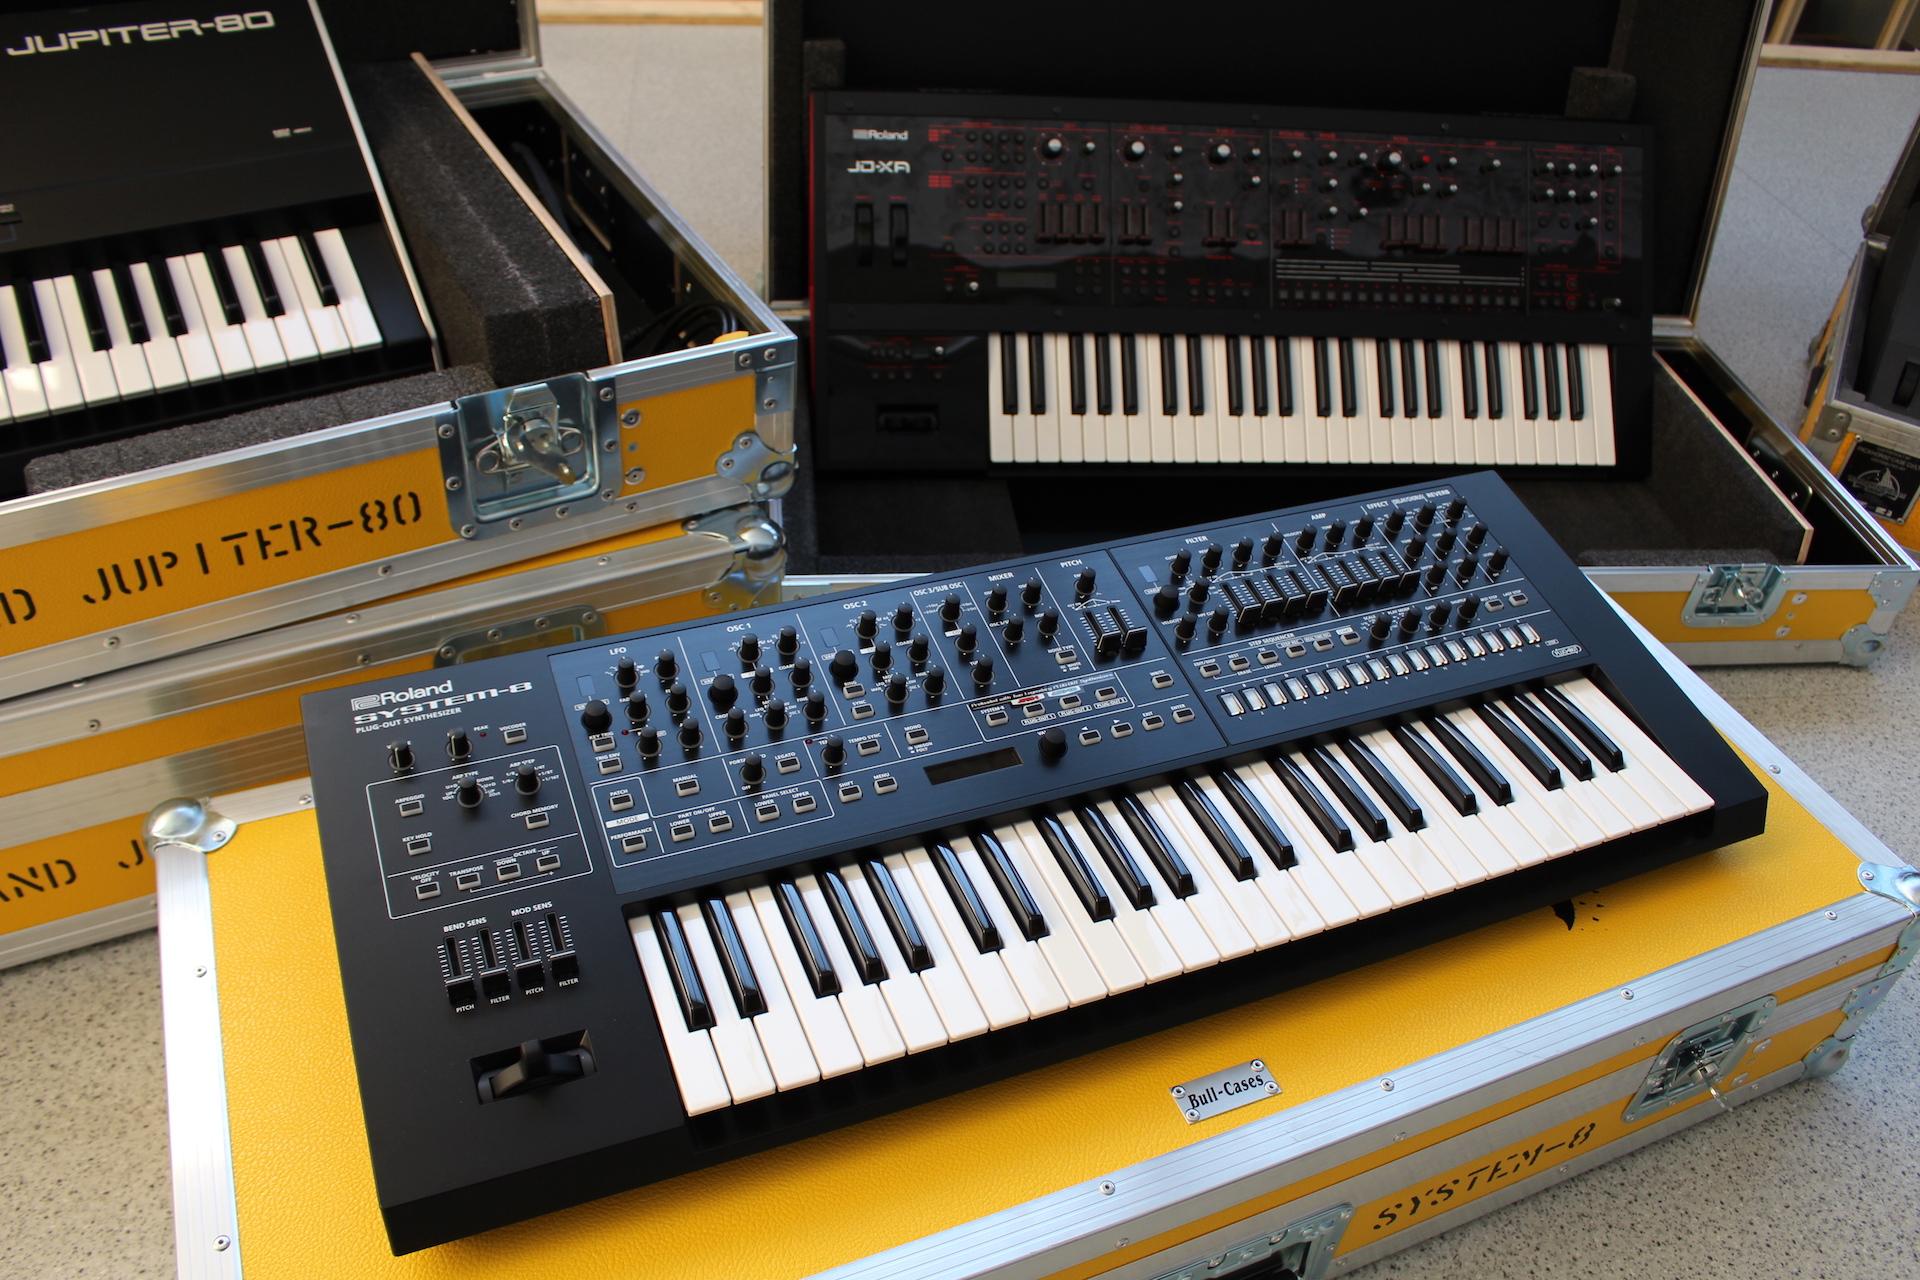 Nouveaux keyboards Juillet 2017